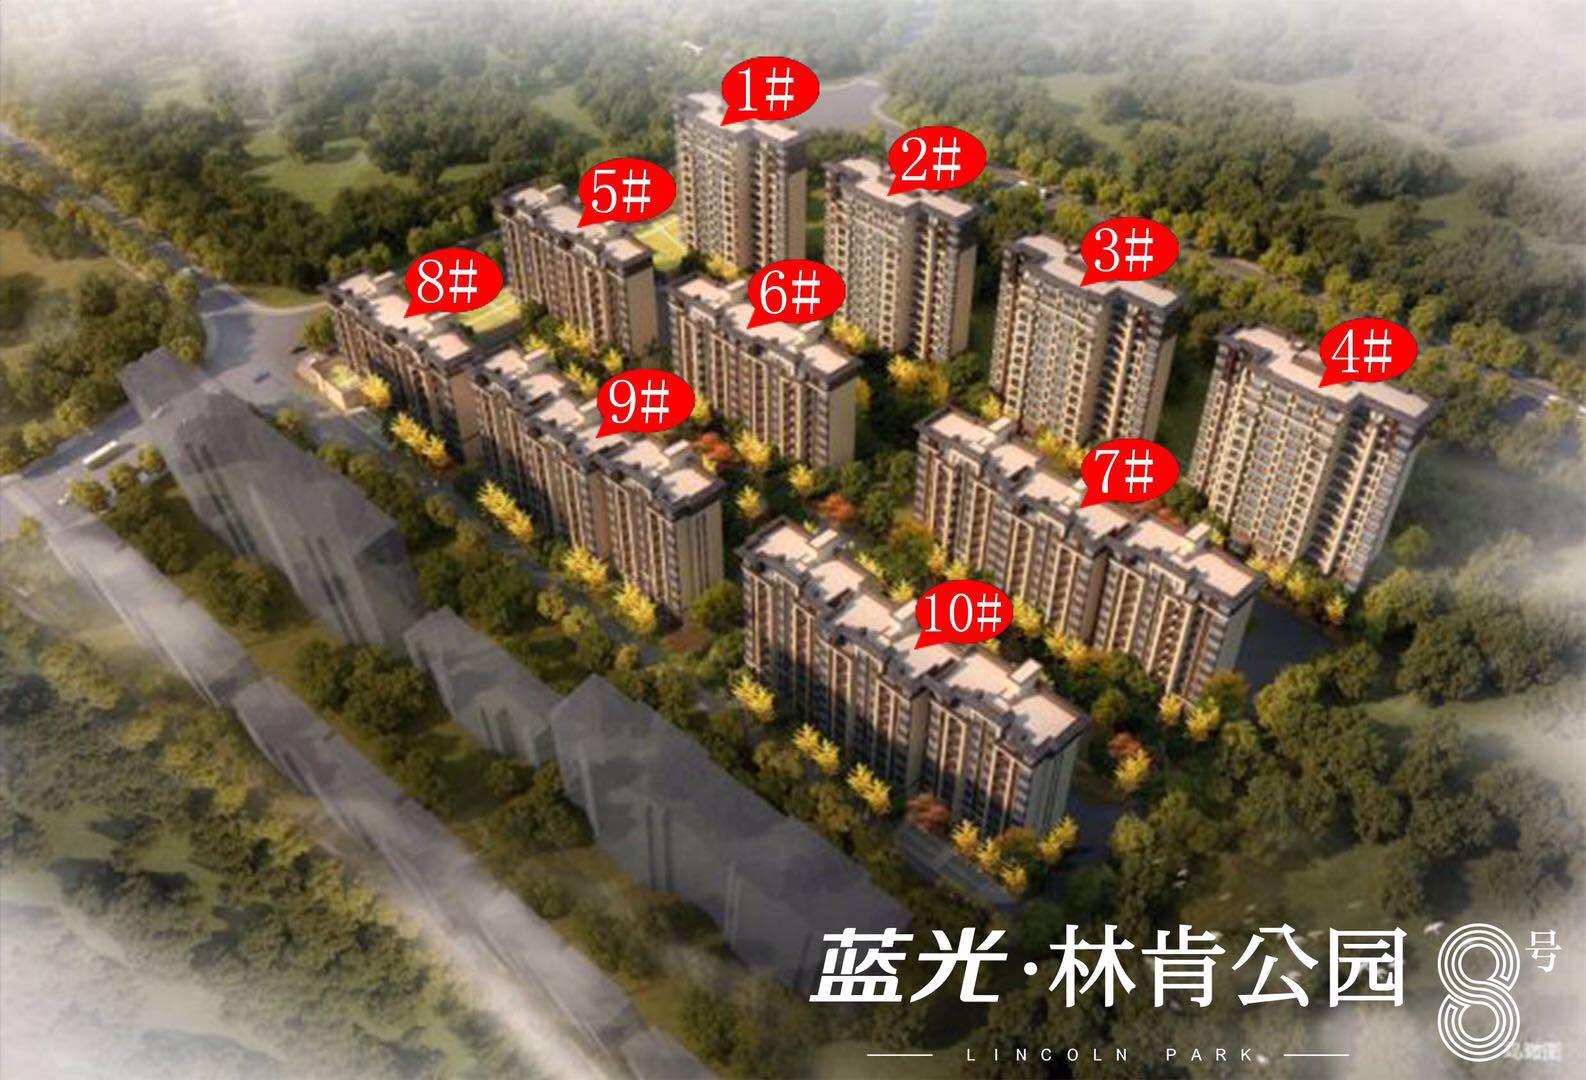 高新區一宗小型商業用地出讓 樓面價低至2700元/㎡!